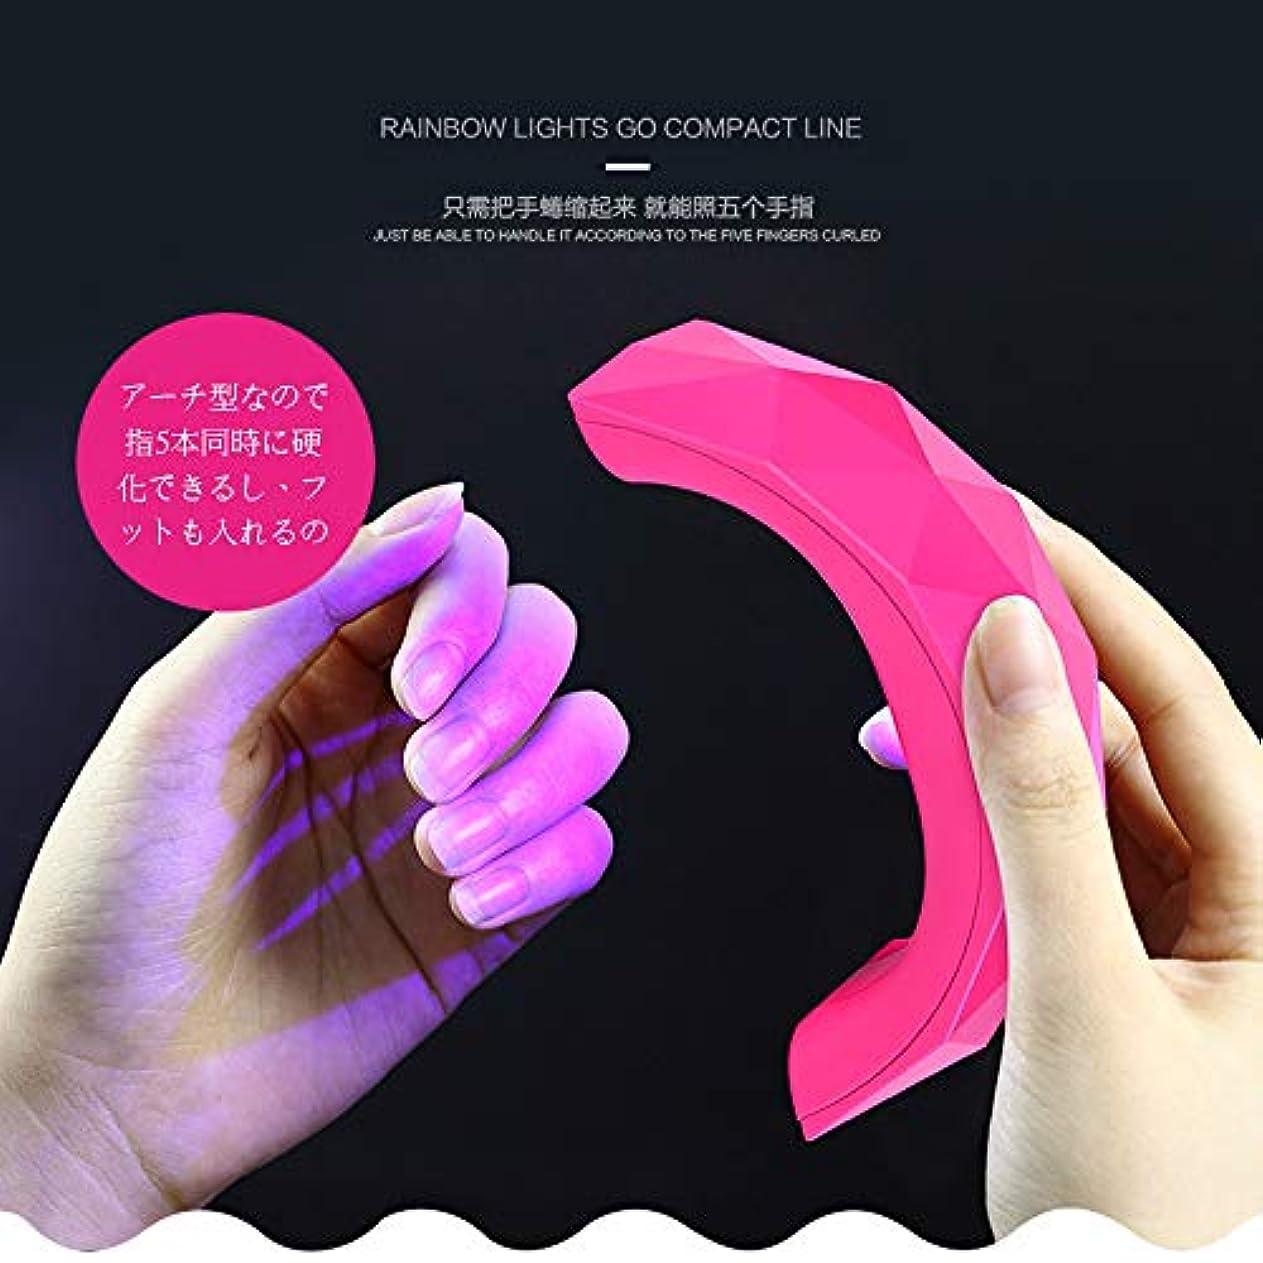 苦しめる省略する商人ネイル道具?ケアツール 硬化用UVライトネイルジェルライト LED+UVライト二重光源搭載全ジェル対応 USB式 60Sタイマー設定 ジェルネイル用 (ピンク)